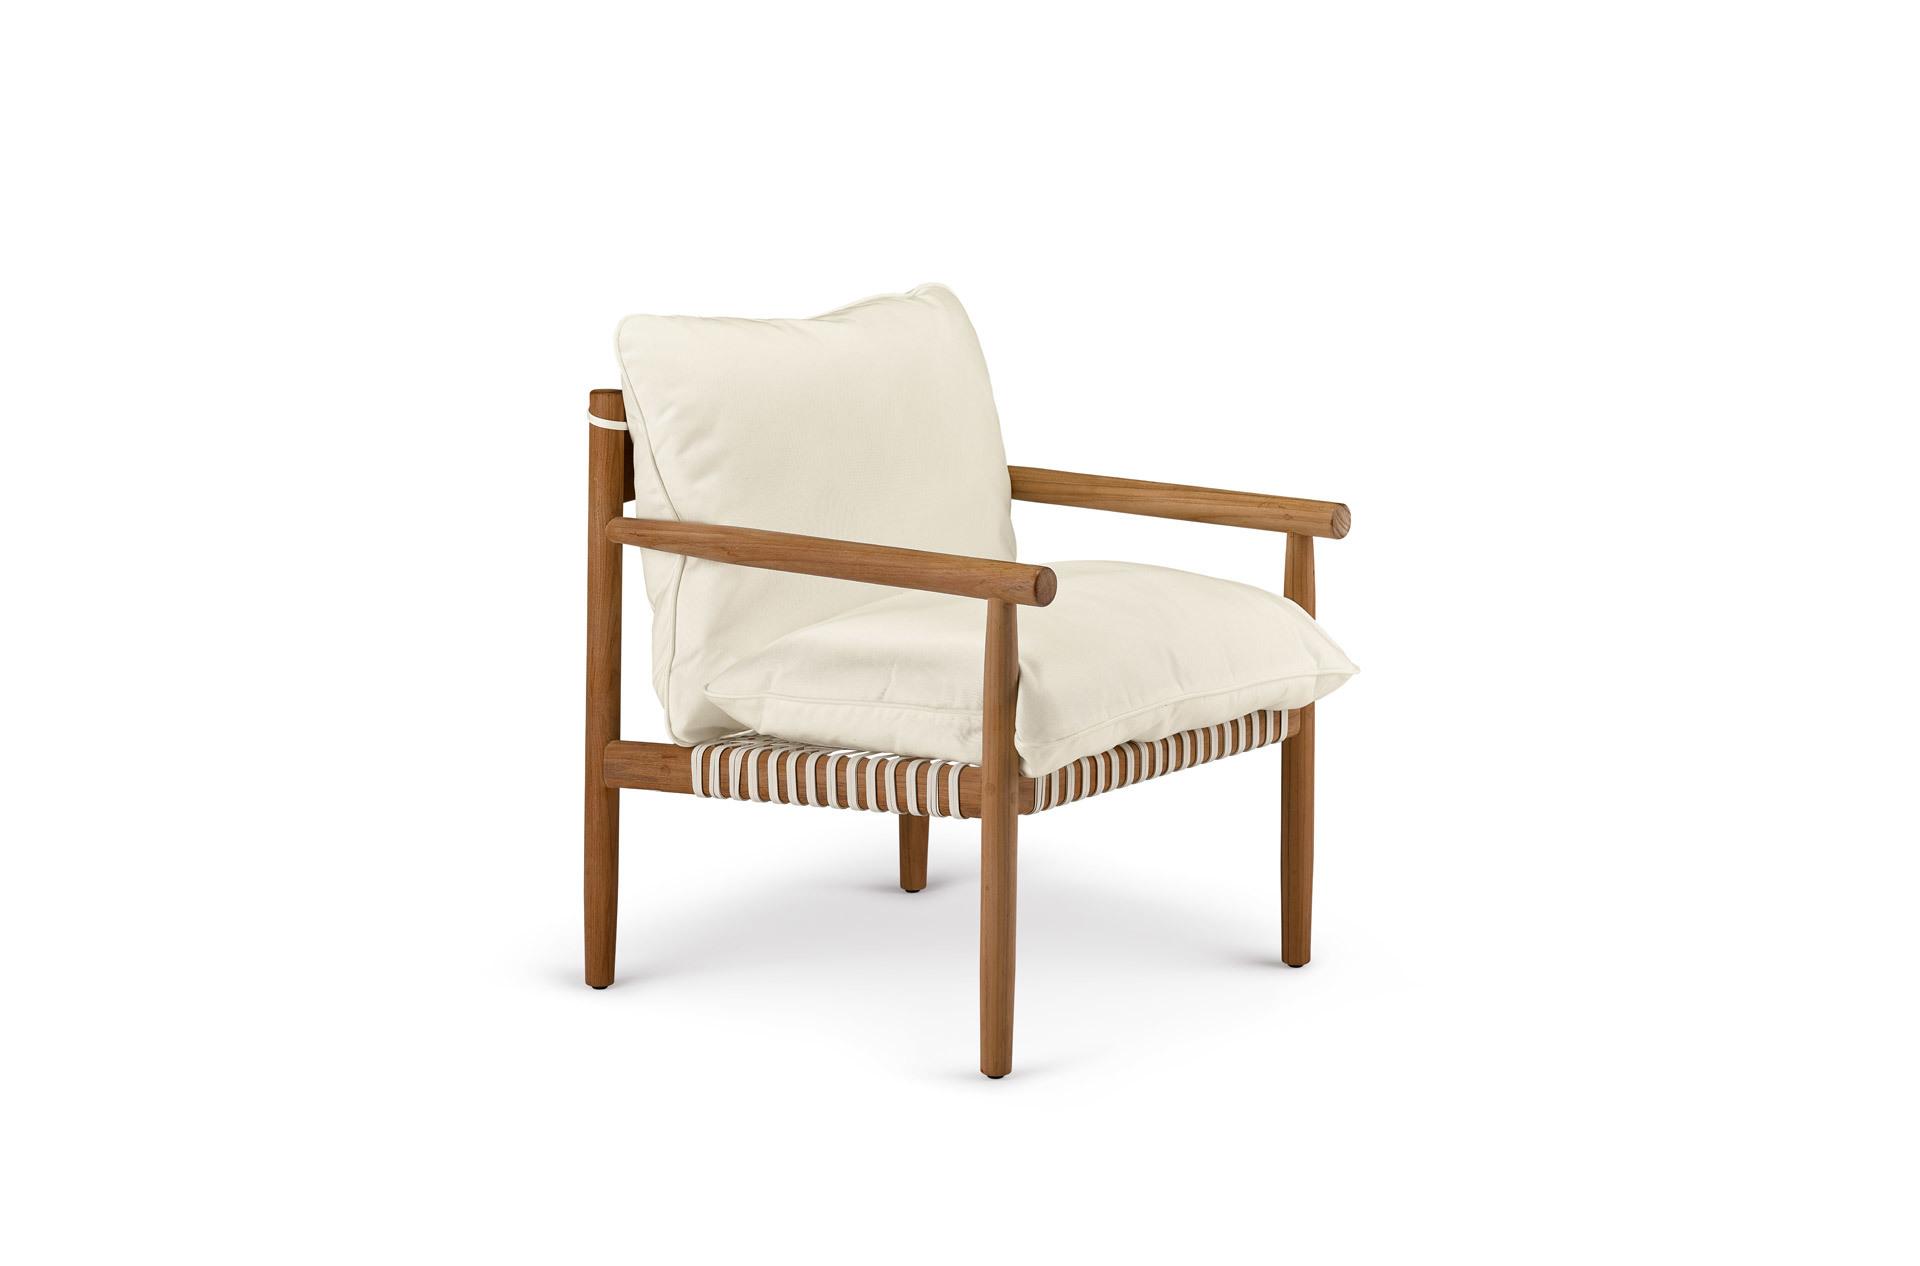 Tibbo Sessel Von Dedon Stylepark